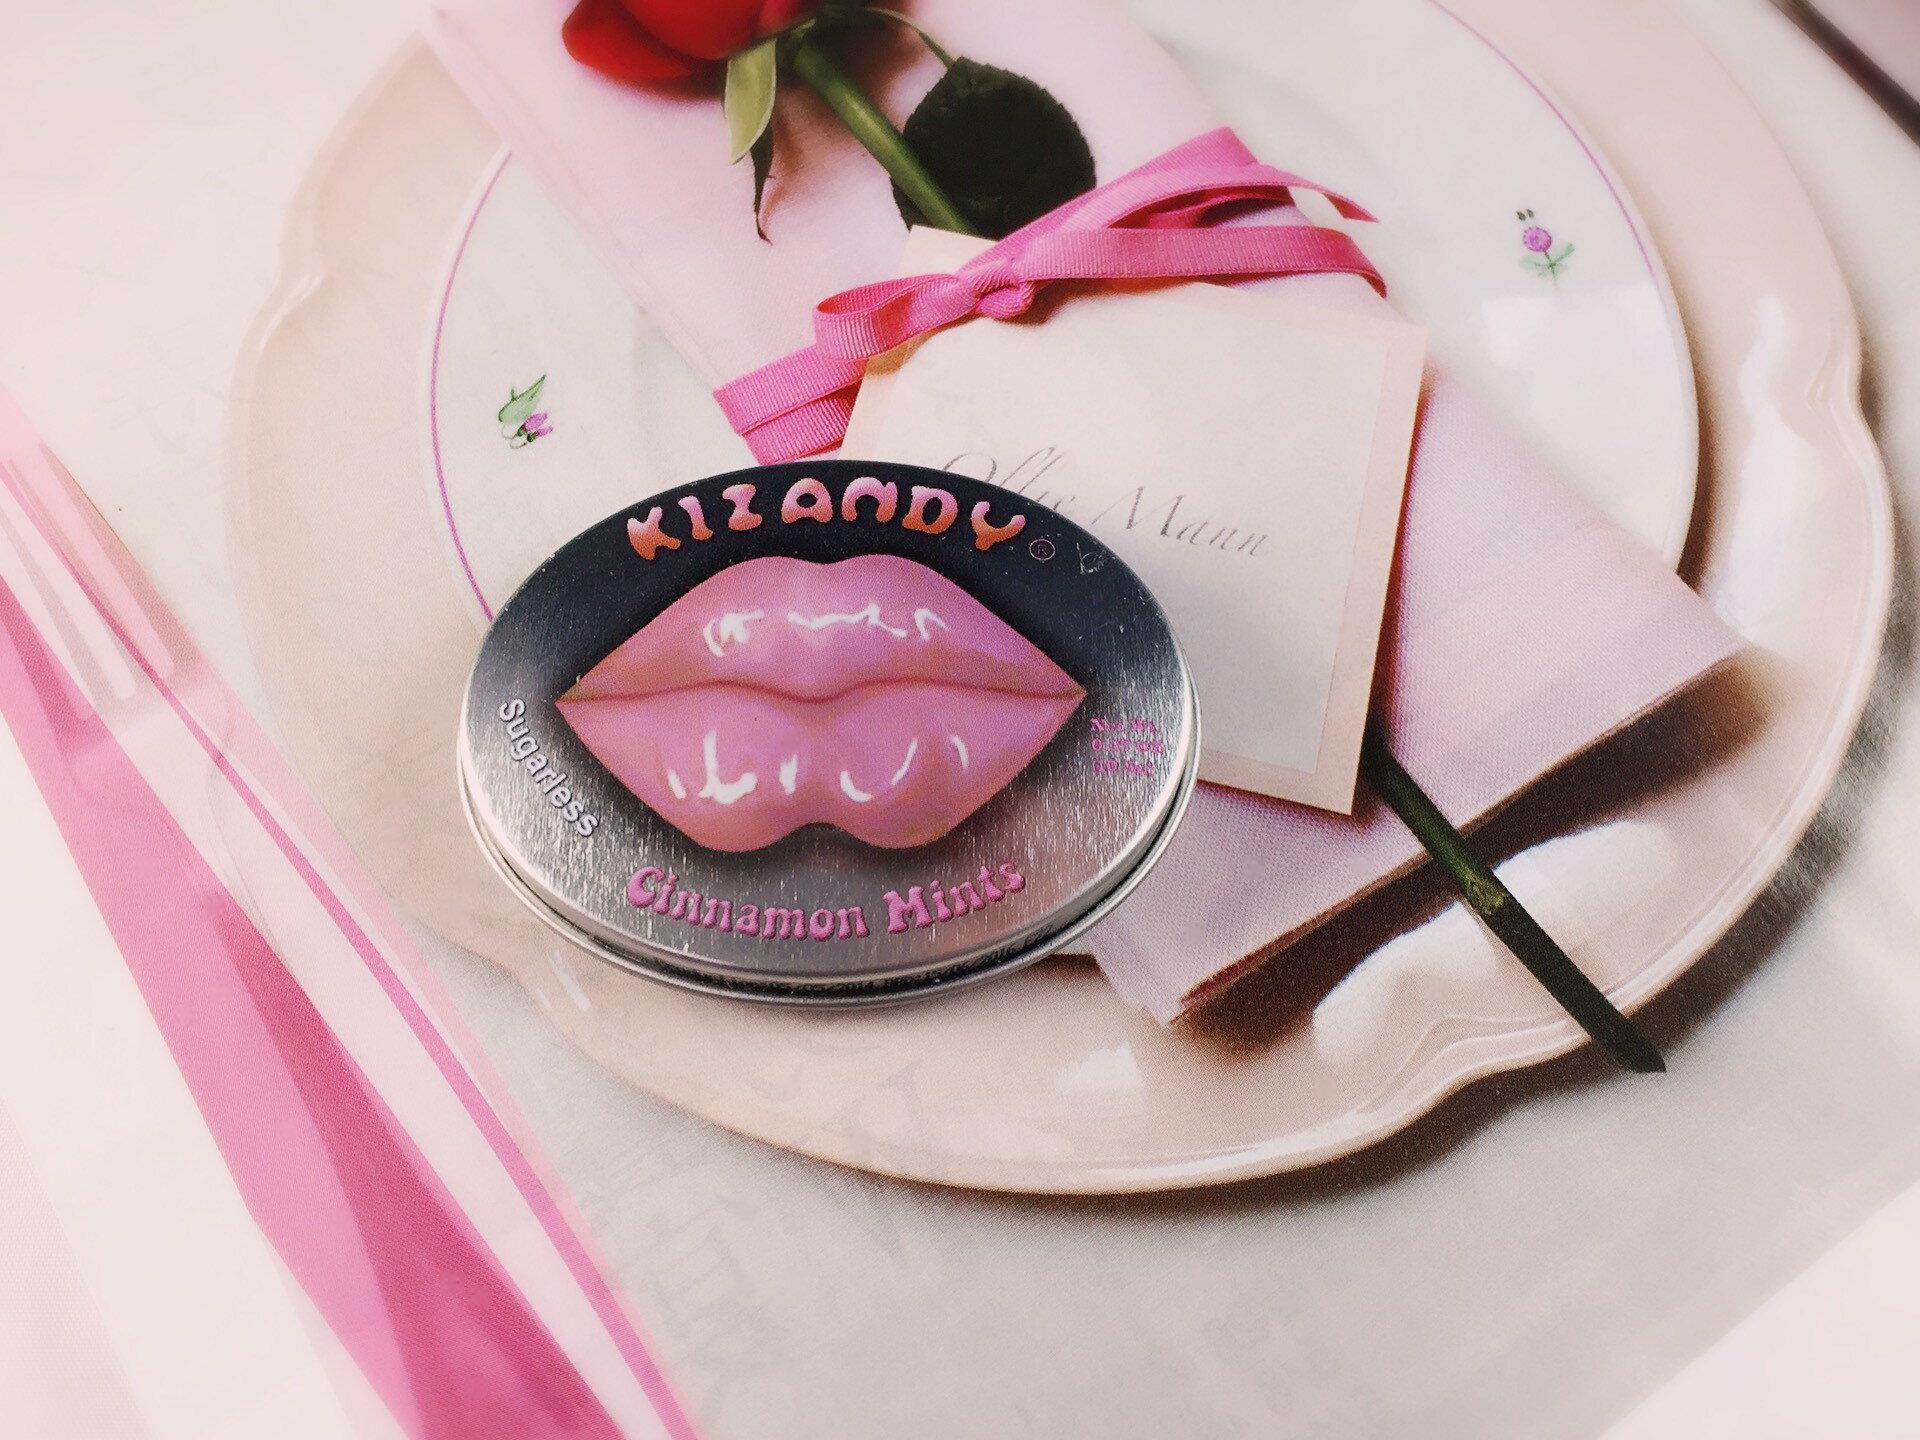 【Kizandy】Kizandy香吻 繽紛水果風味糖 肉桂口味 婚禮小物